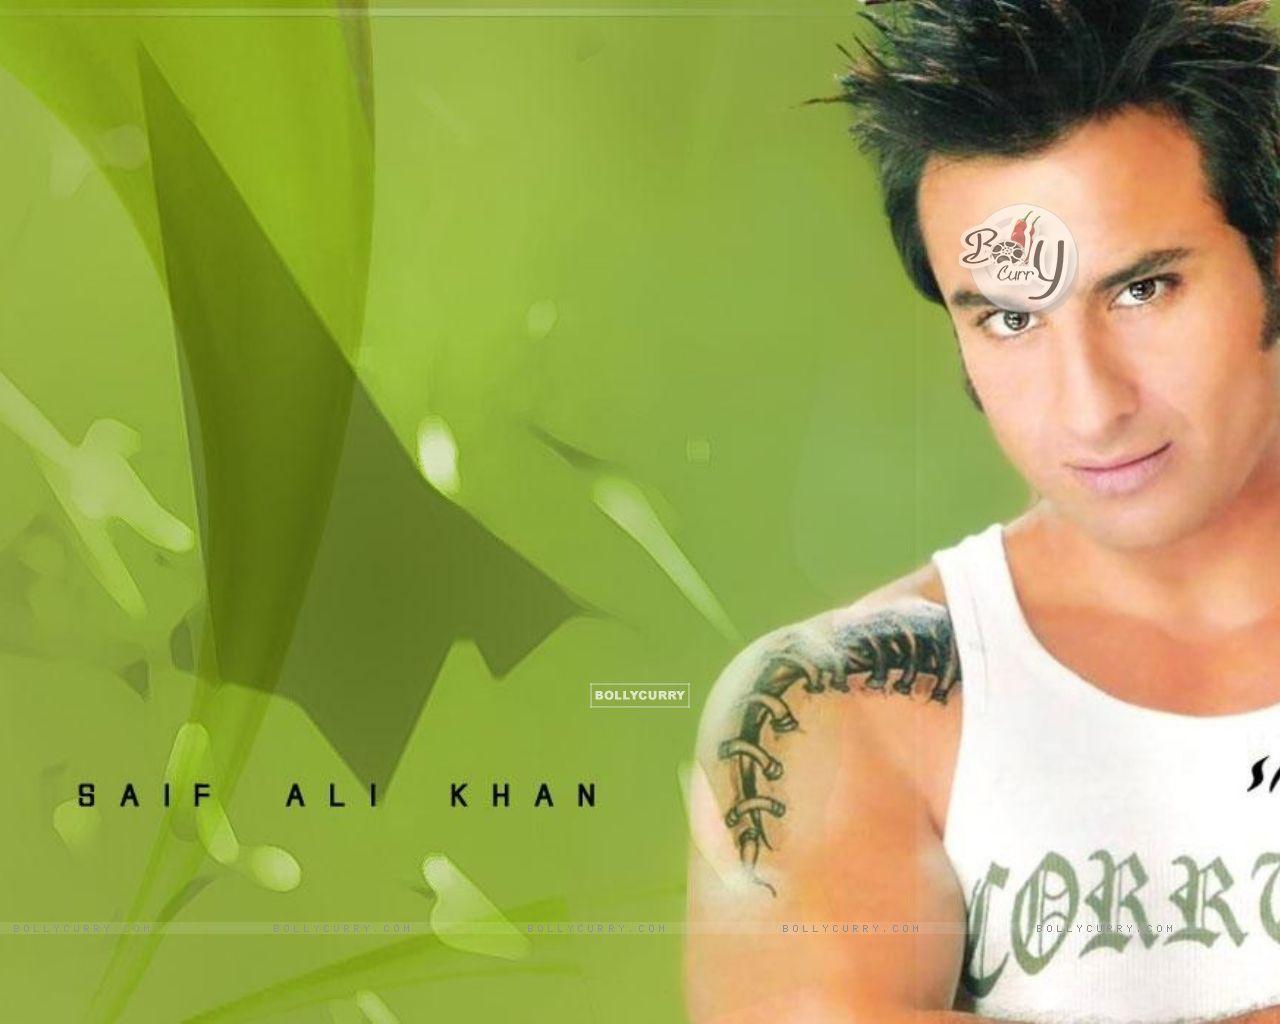 liaquat ali khan limited composition length